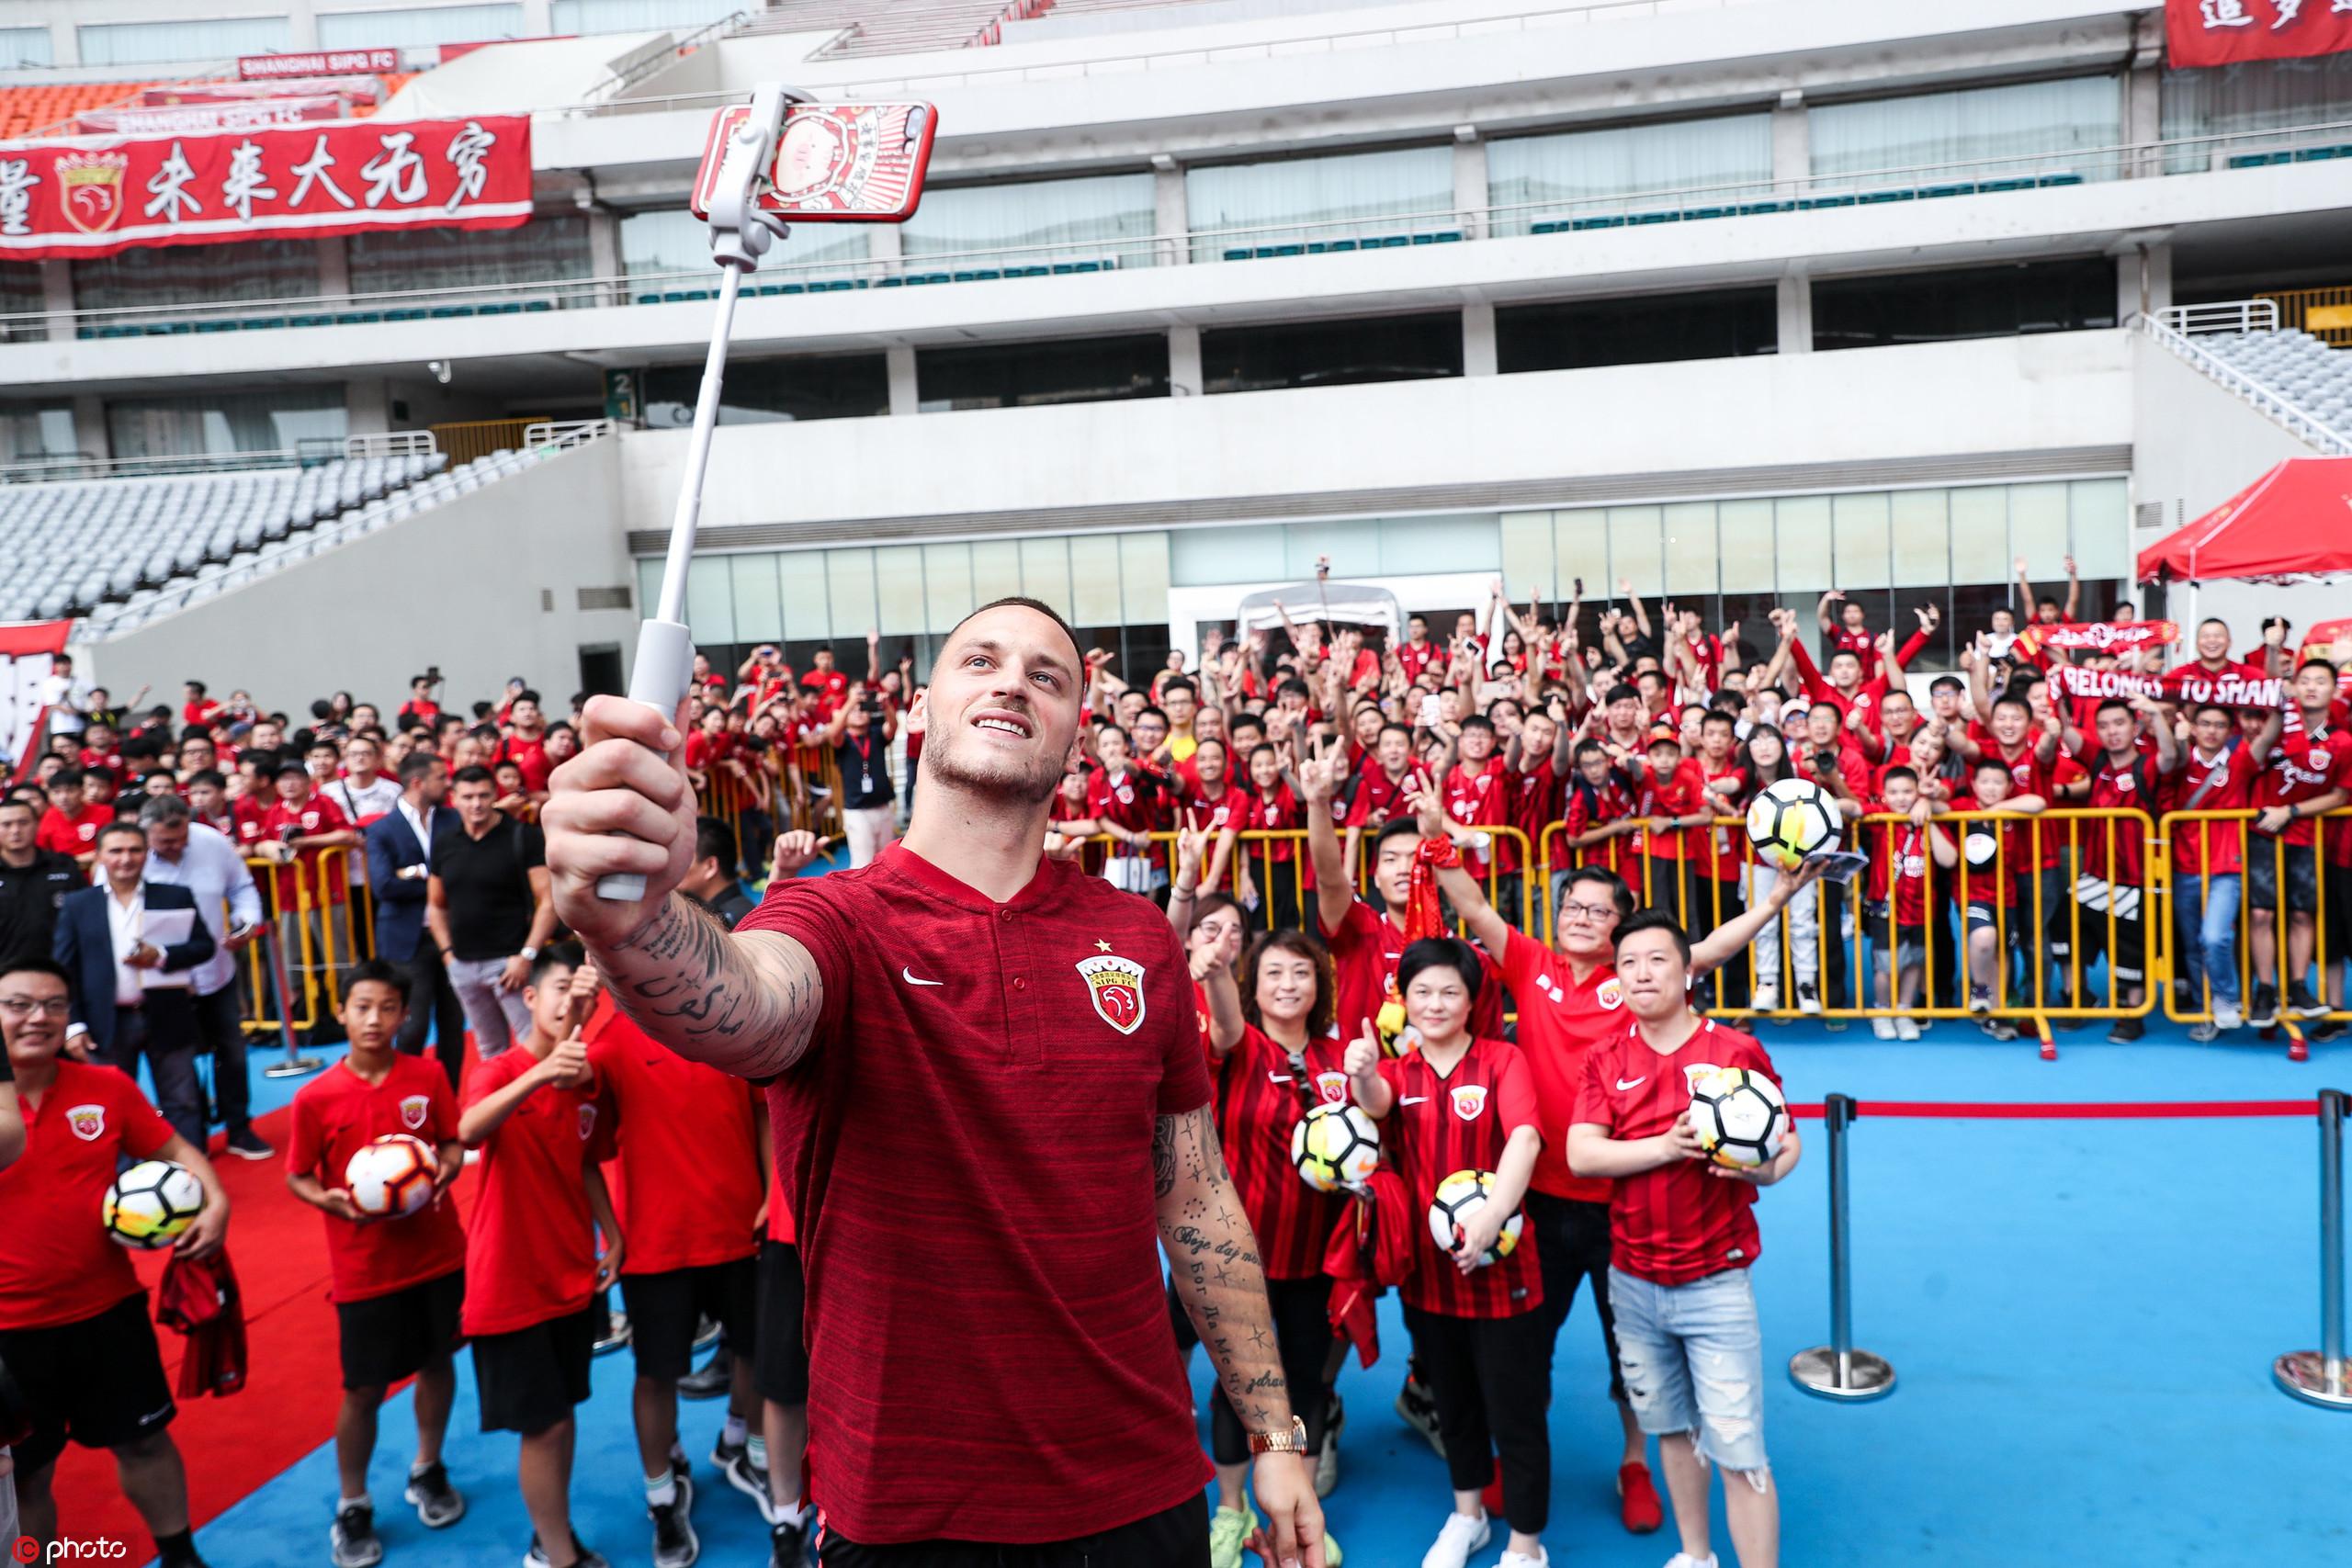 阿瑙托维奇:我知道7号球衣的含义,武磊是位伟大的球员